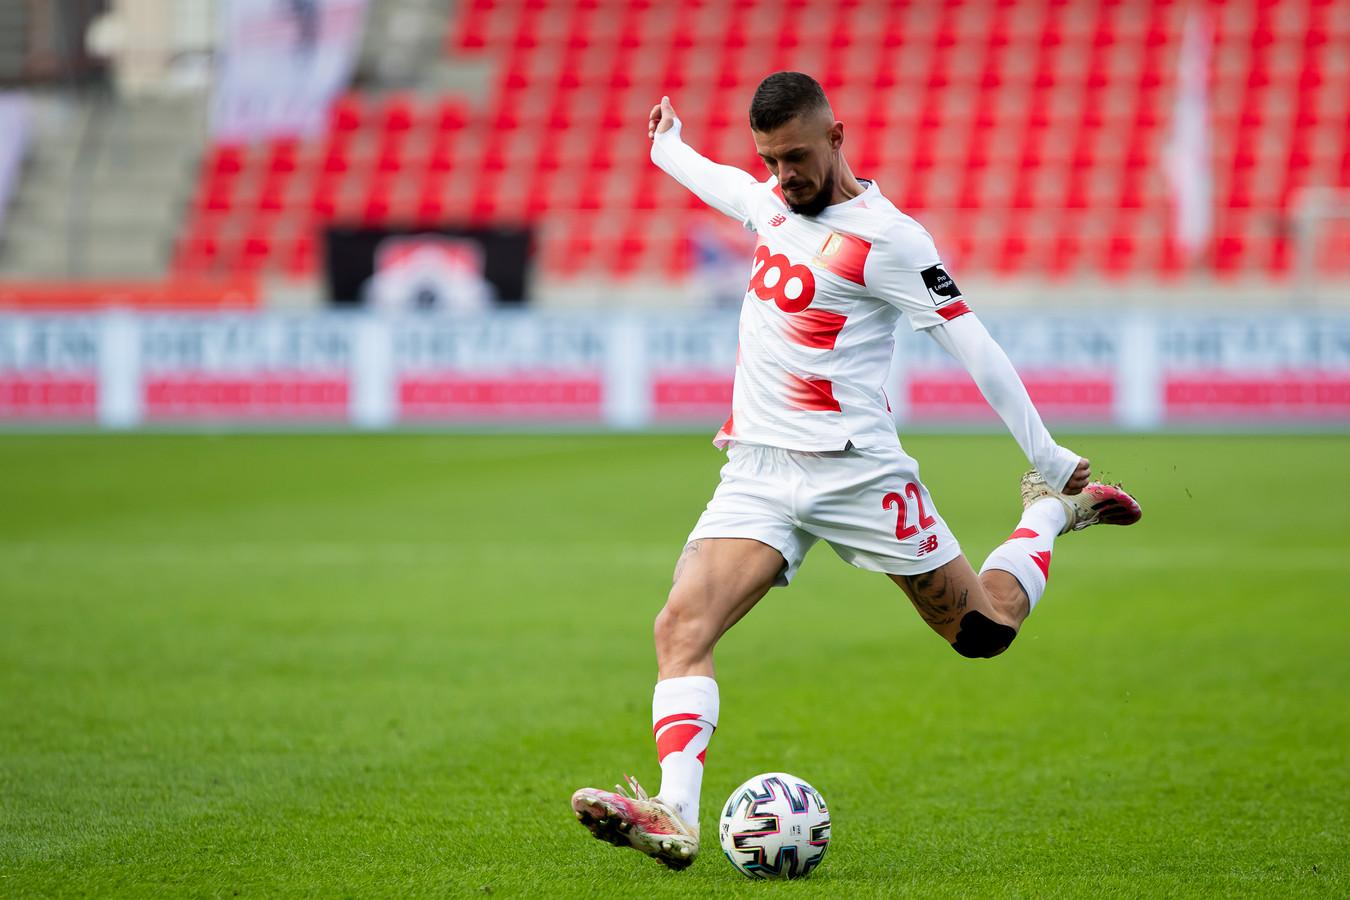 Deuxième but de la saison pour Maxime Lestienne, qui était au bon endroit pour offrir le point du partage au Standard.